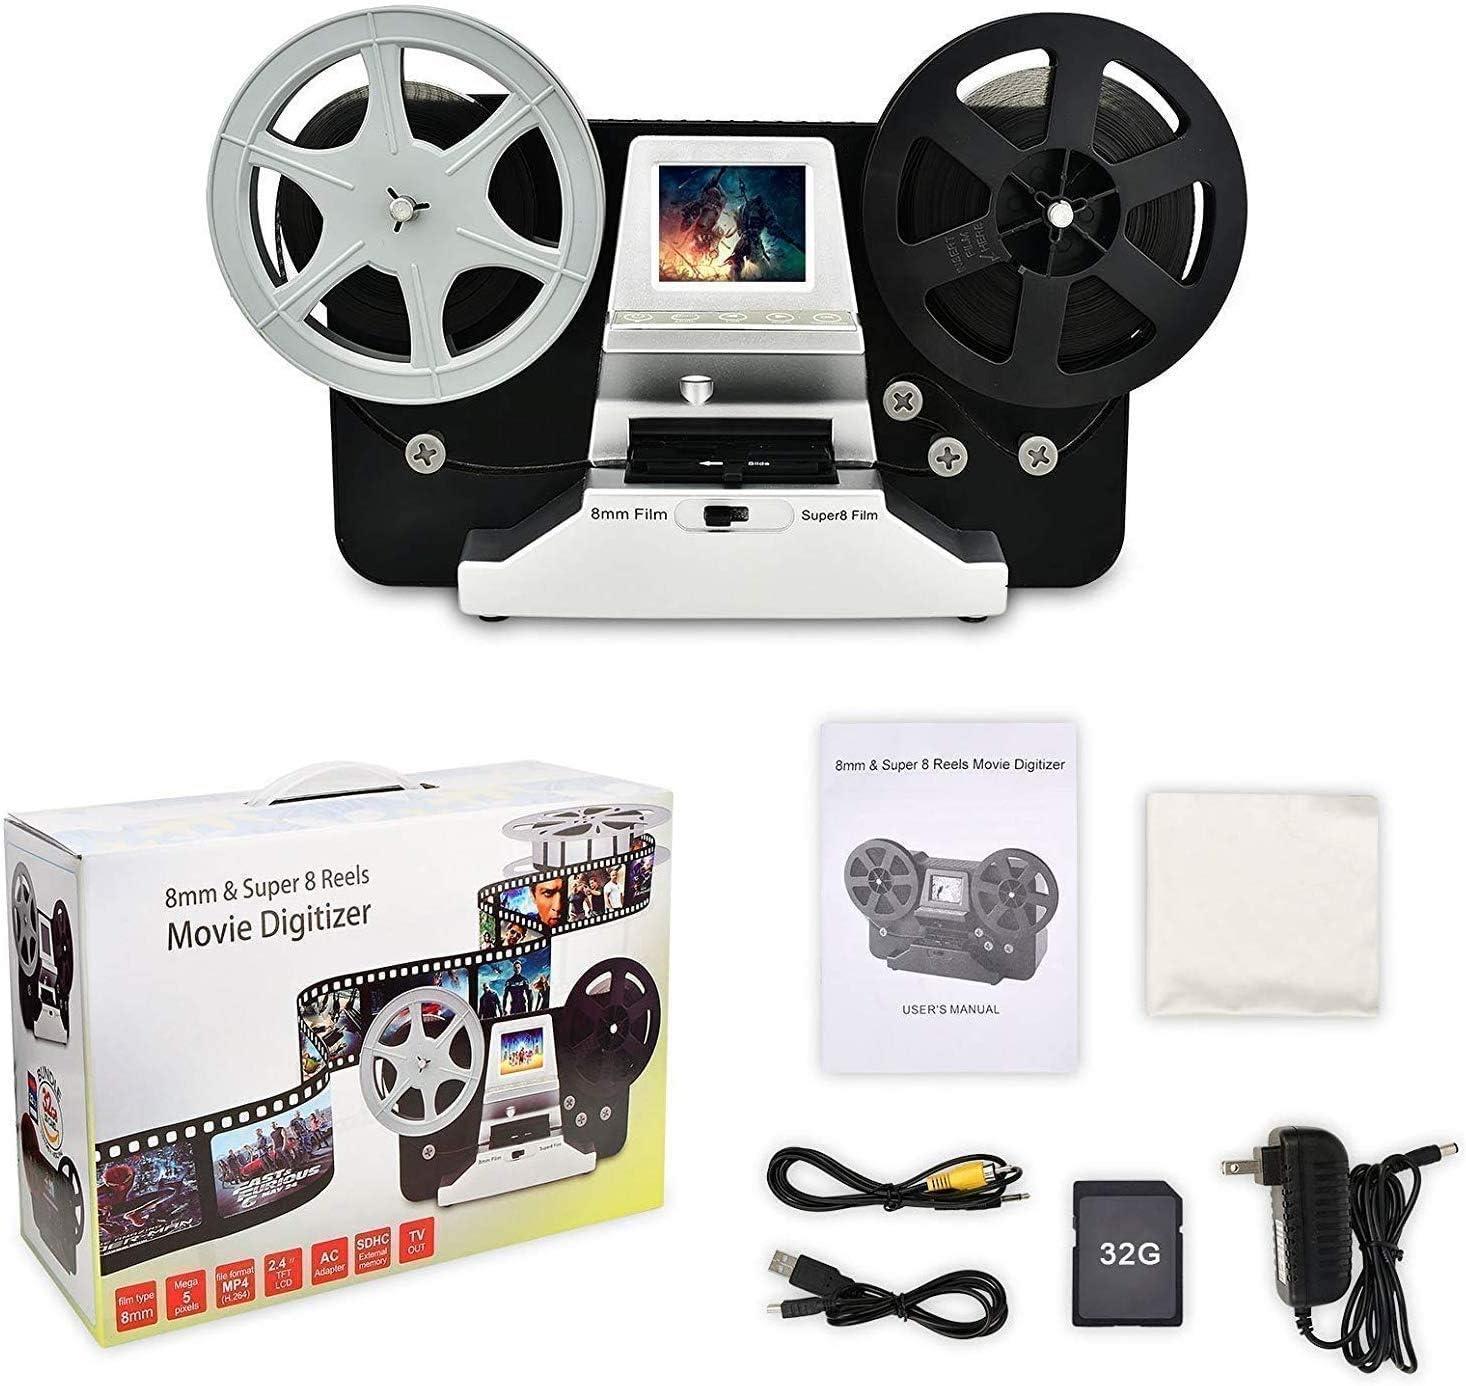 Digital Vido Scanner e digitalizzatore di film con LCD da 2,4 Rotolo di pellicola da 8 mm e bobine di pellicola Super8 con scheda SD da 32 GB nero Film2Digital MovieMaker 5e 3